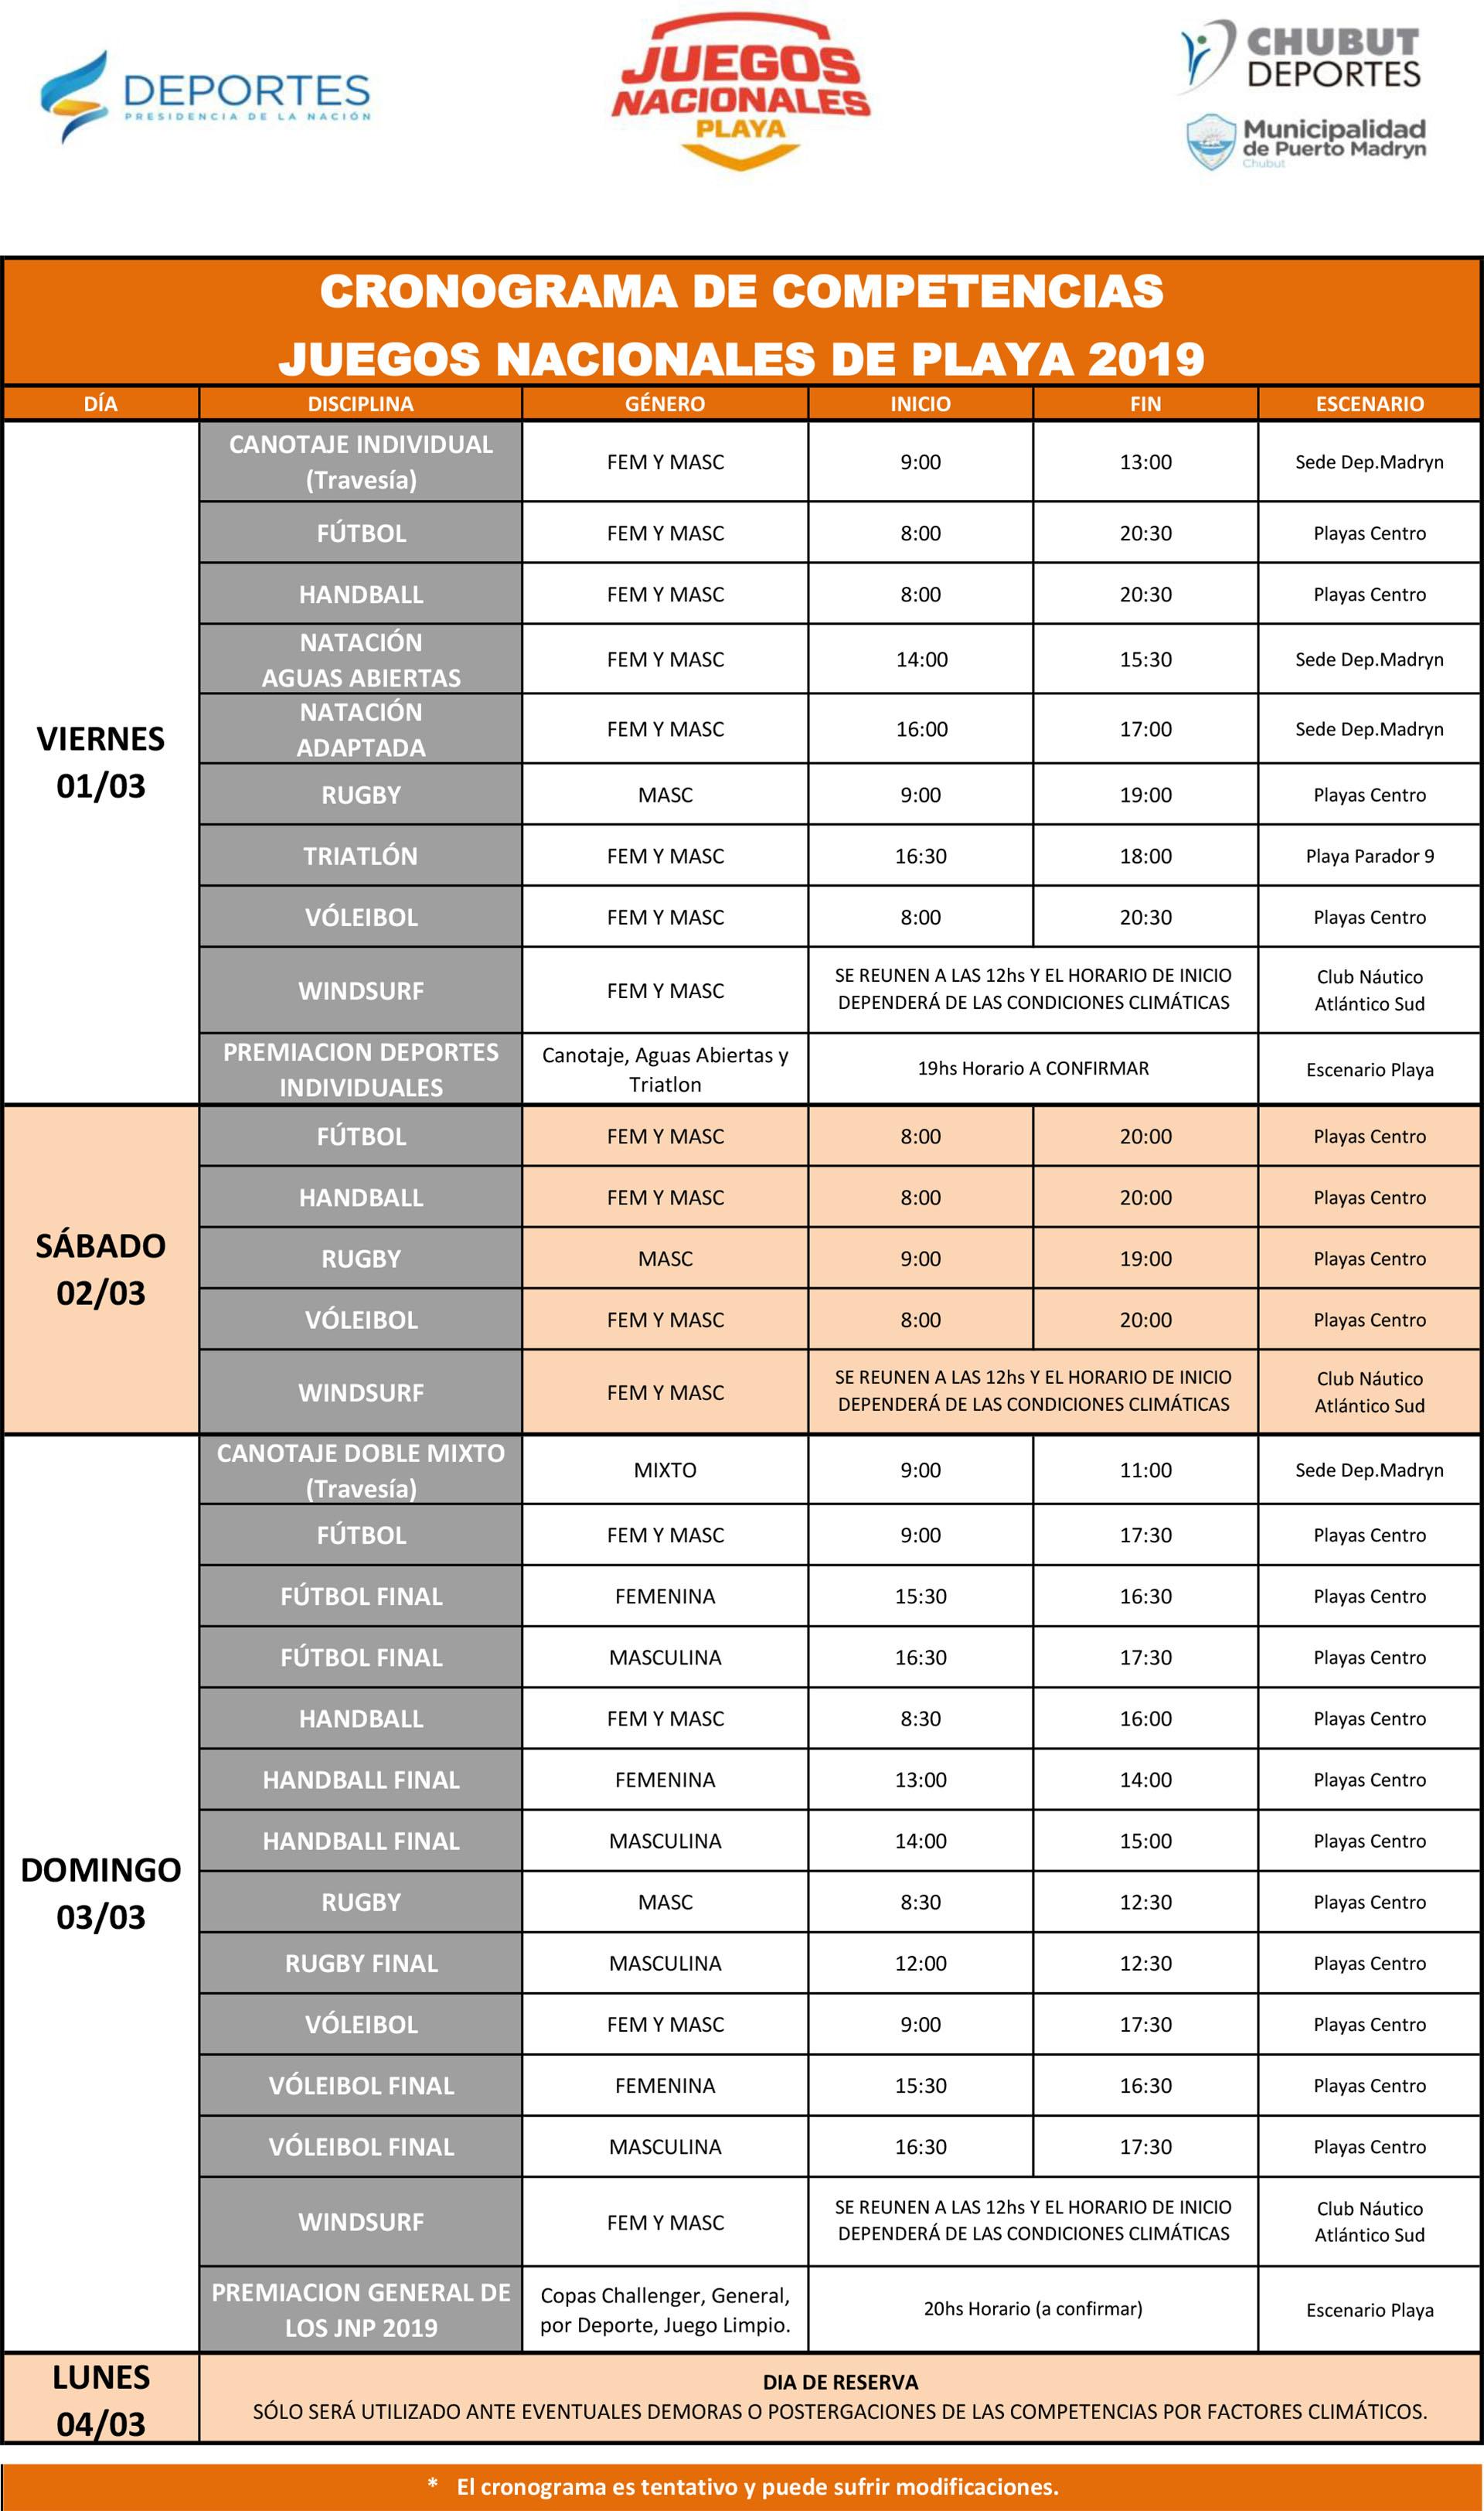 cronograma juegos de playa puerto madryn 2019